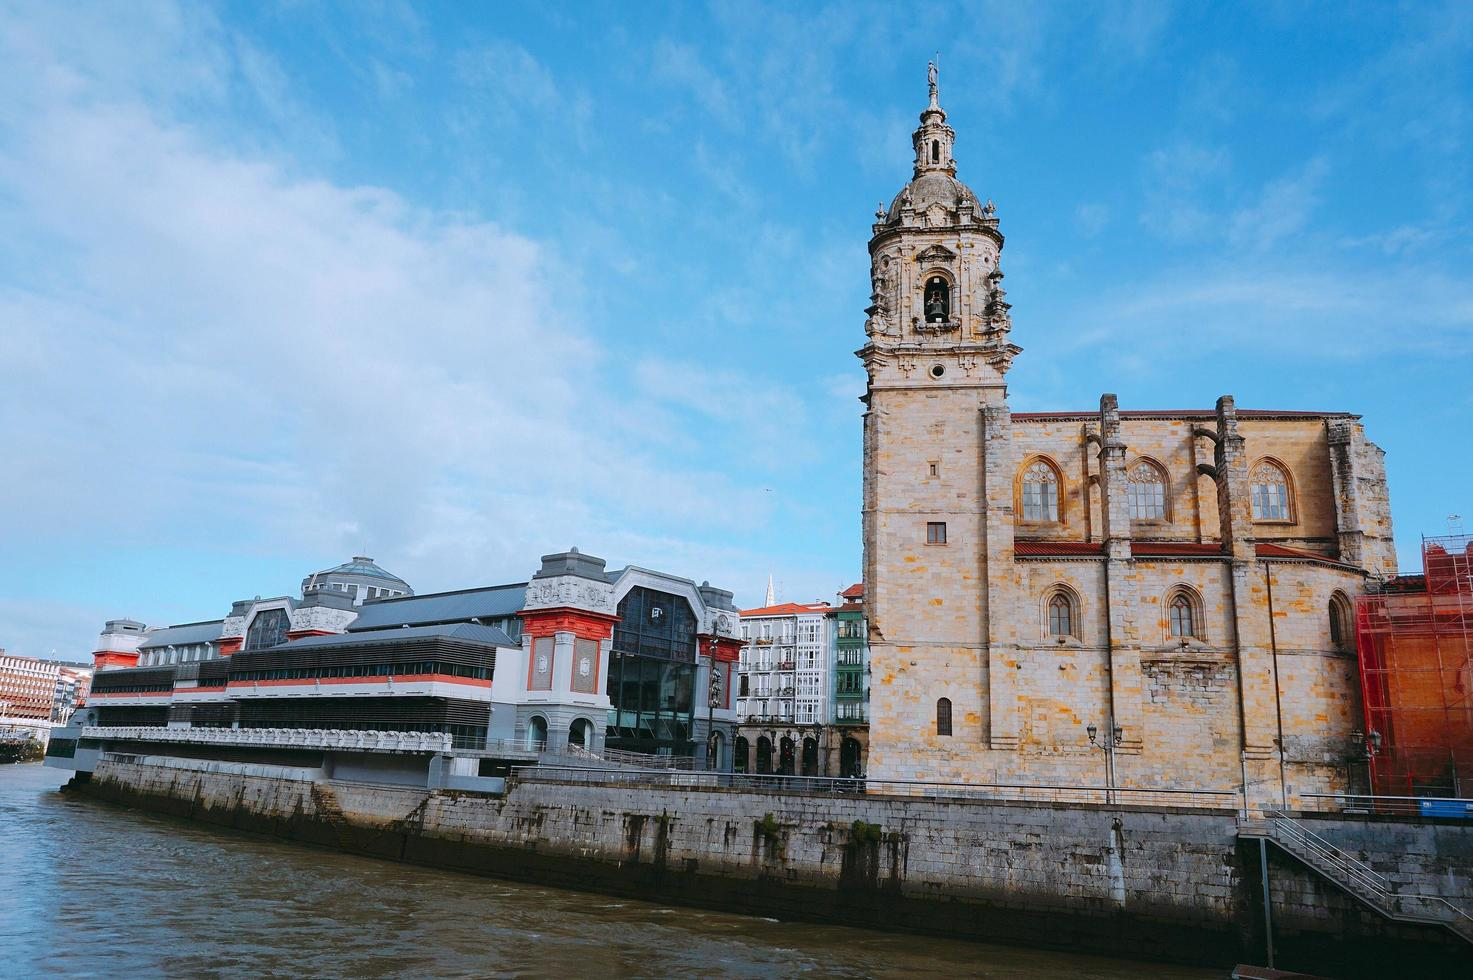 Arquitectura de la iglesia en la ciudad de Bilbao, España foto